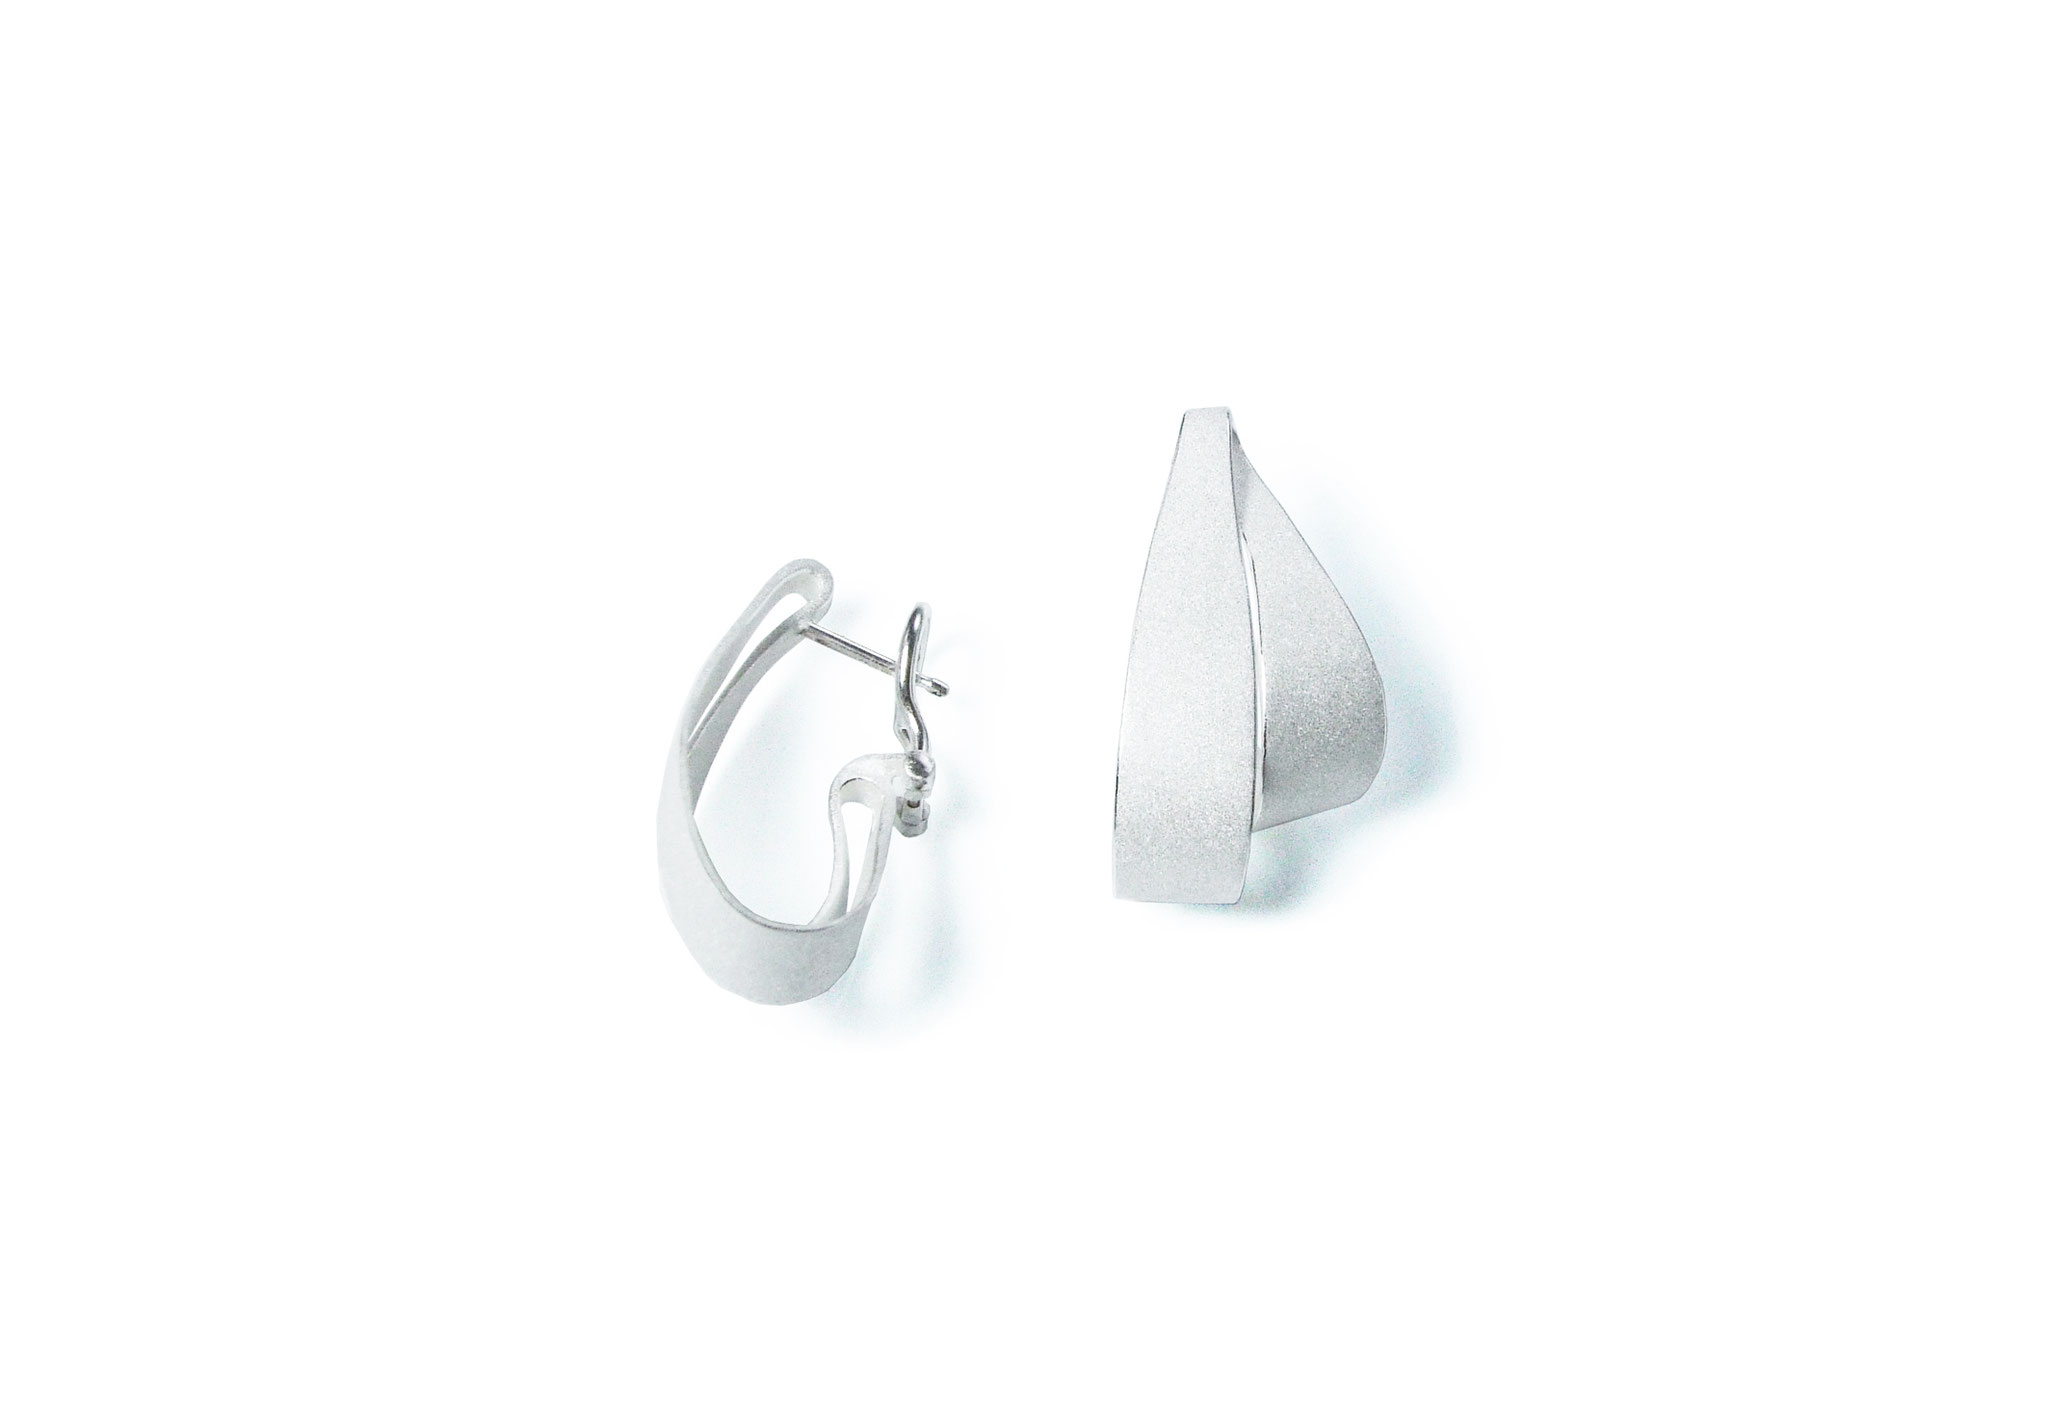 Wendepunkt Ohrschmuck - kleiner SteckerClip B, 925/- weiß